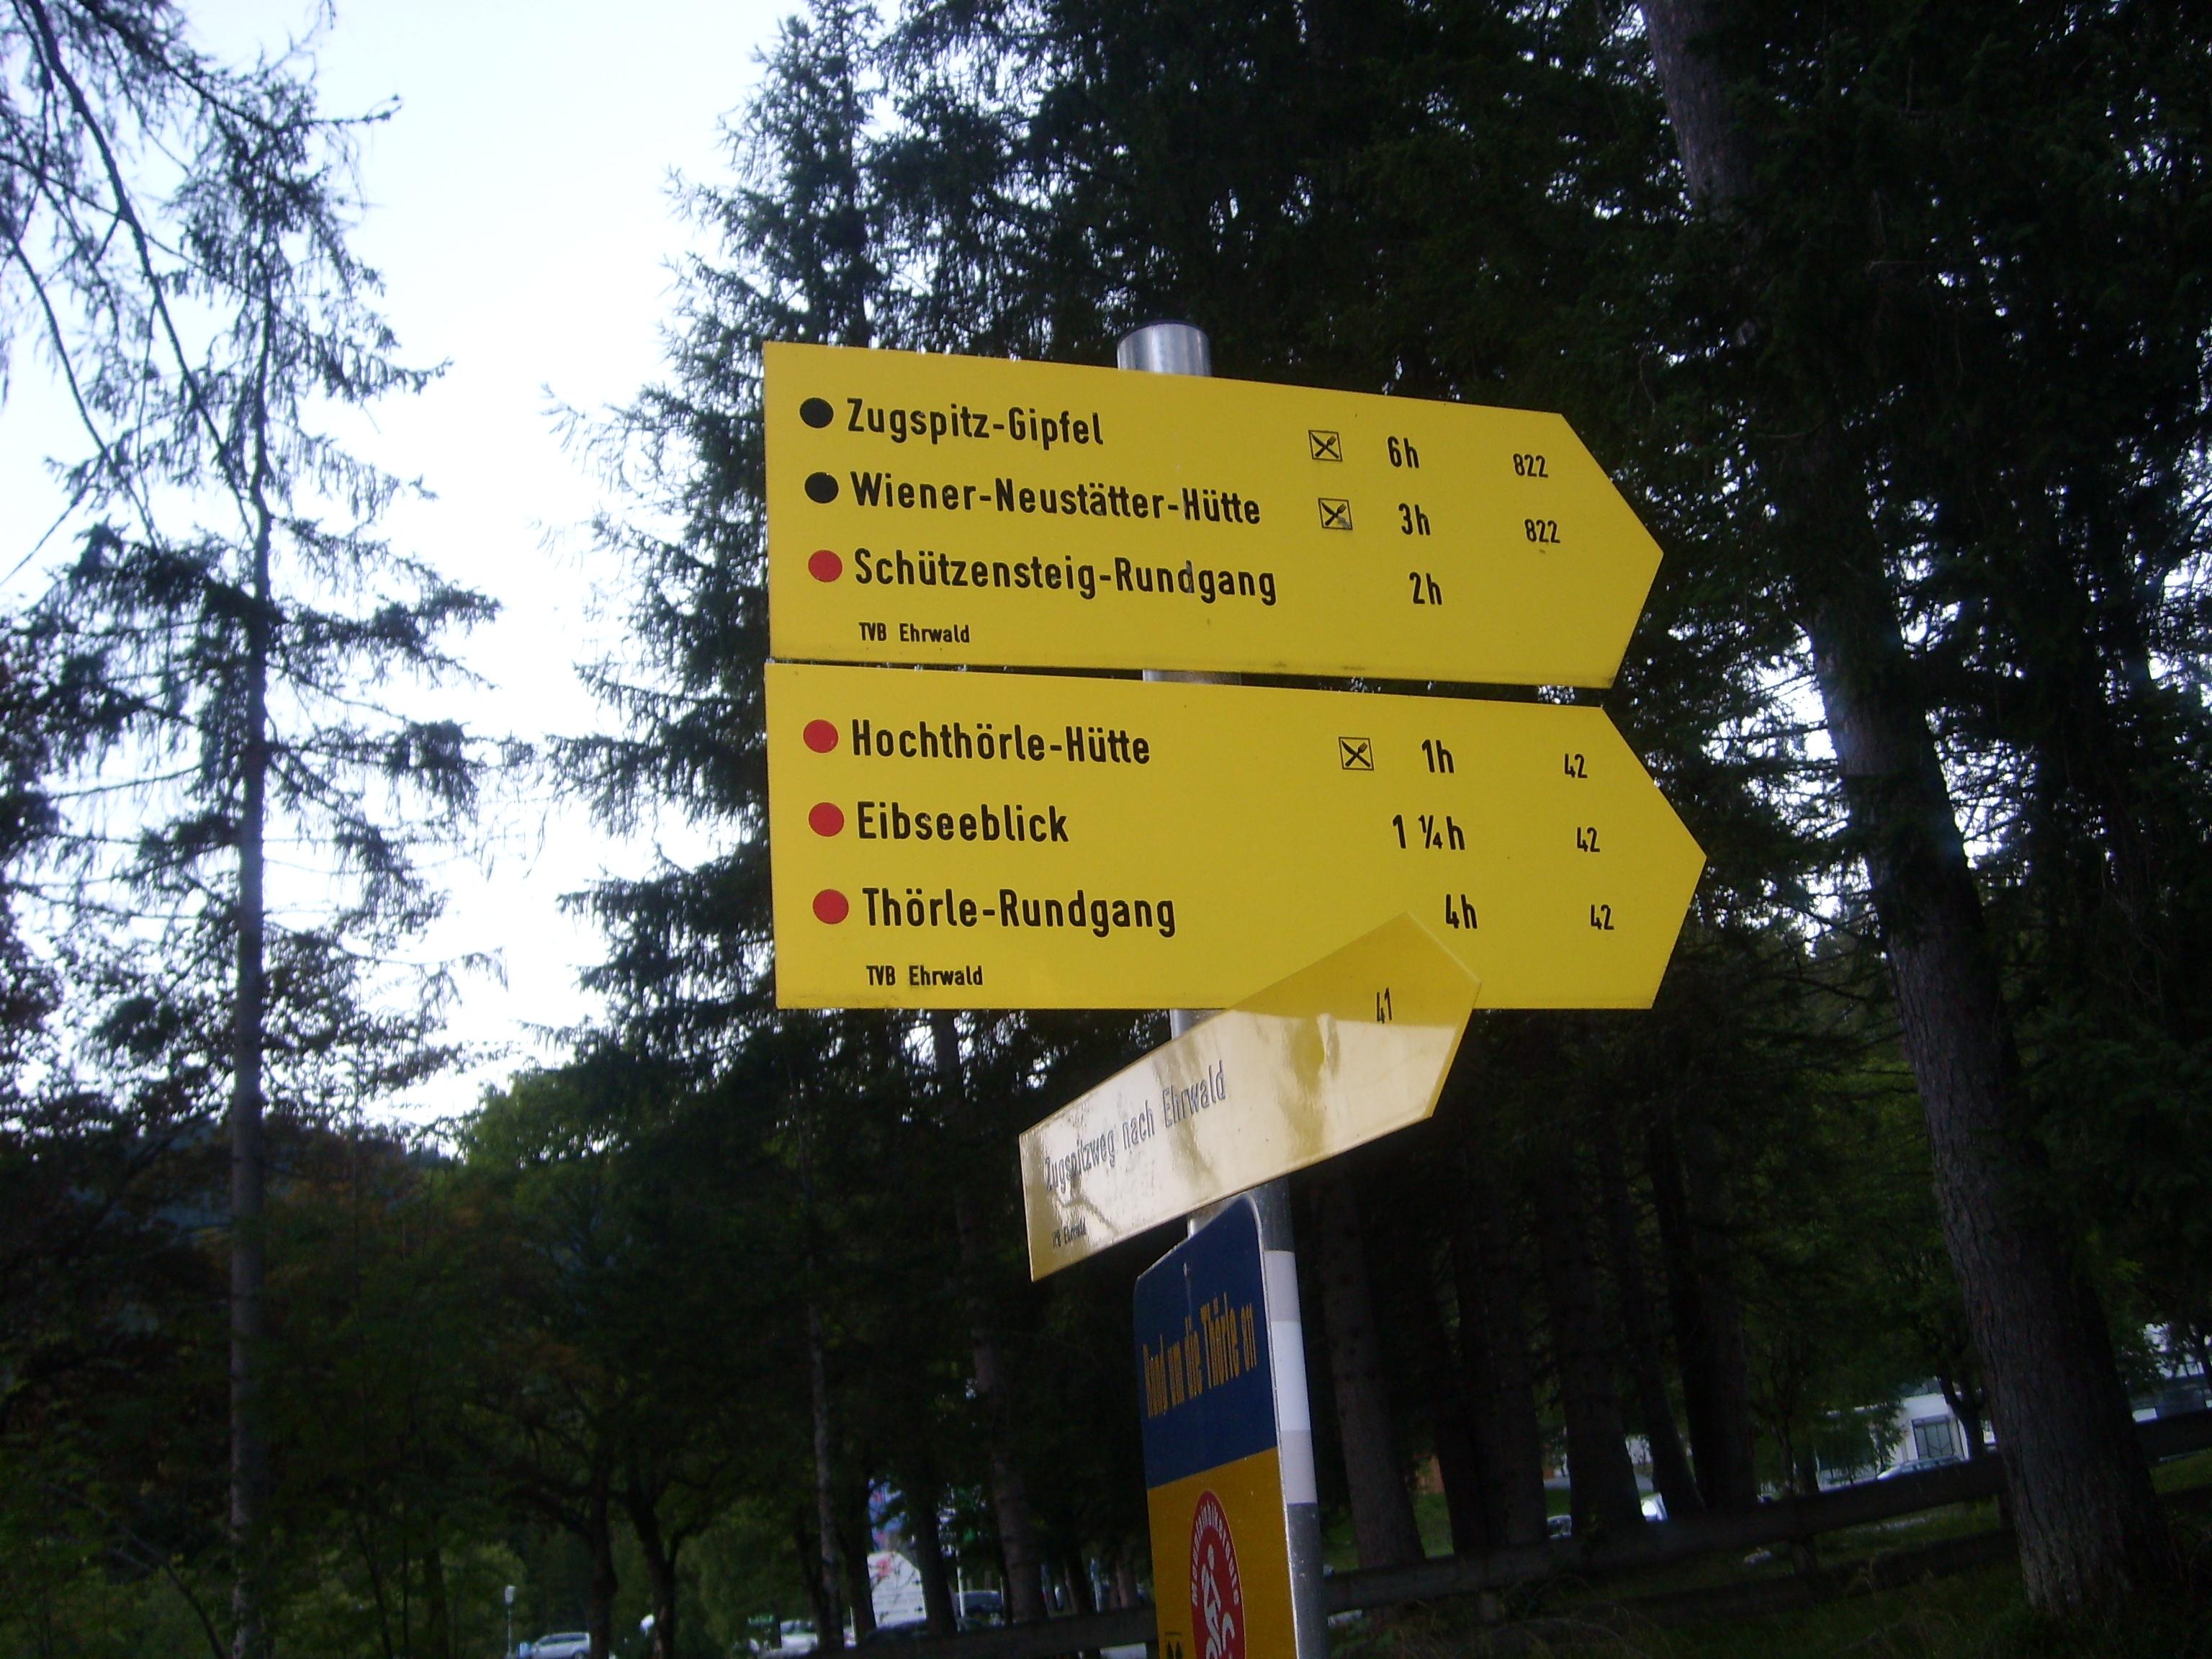 Klettersteig Zugspitze Stopselzieher : Bergtour ehrwald stopselzieher klettersteig zugspitze